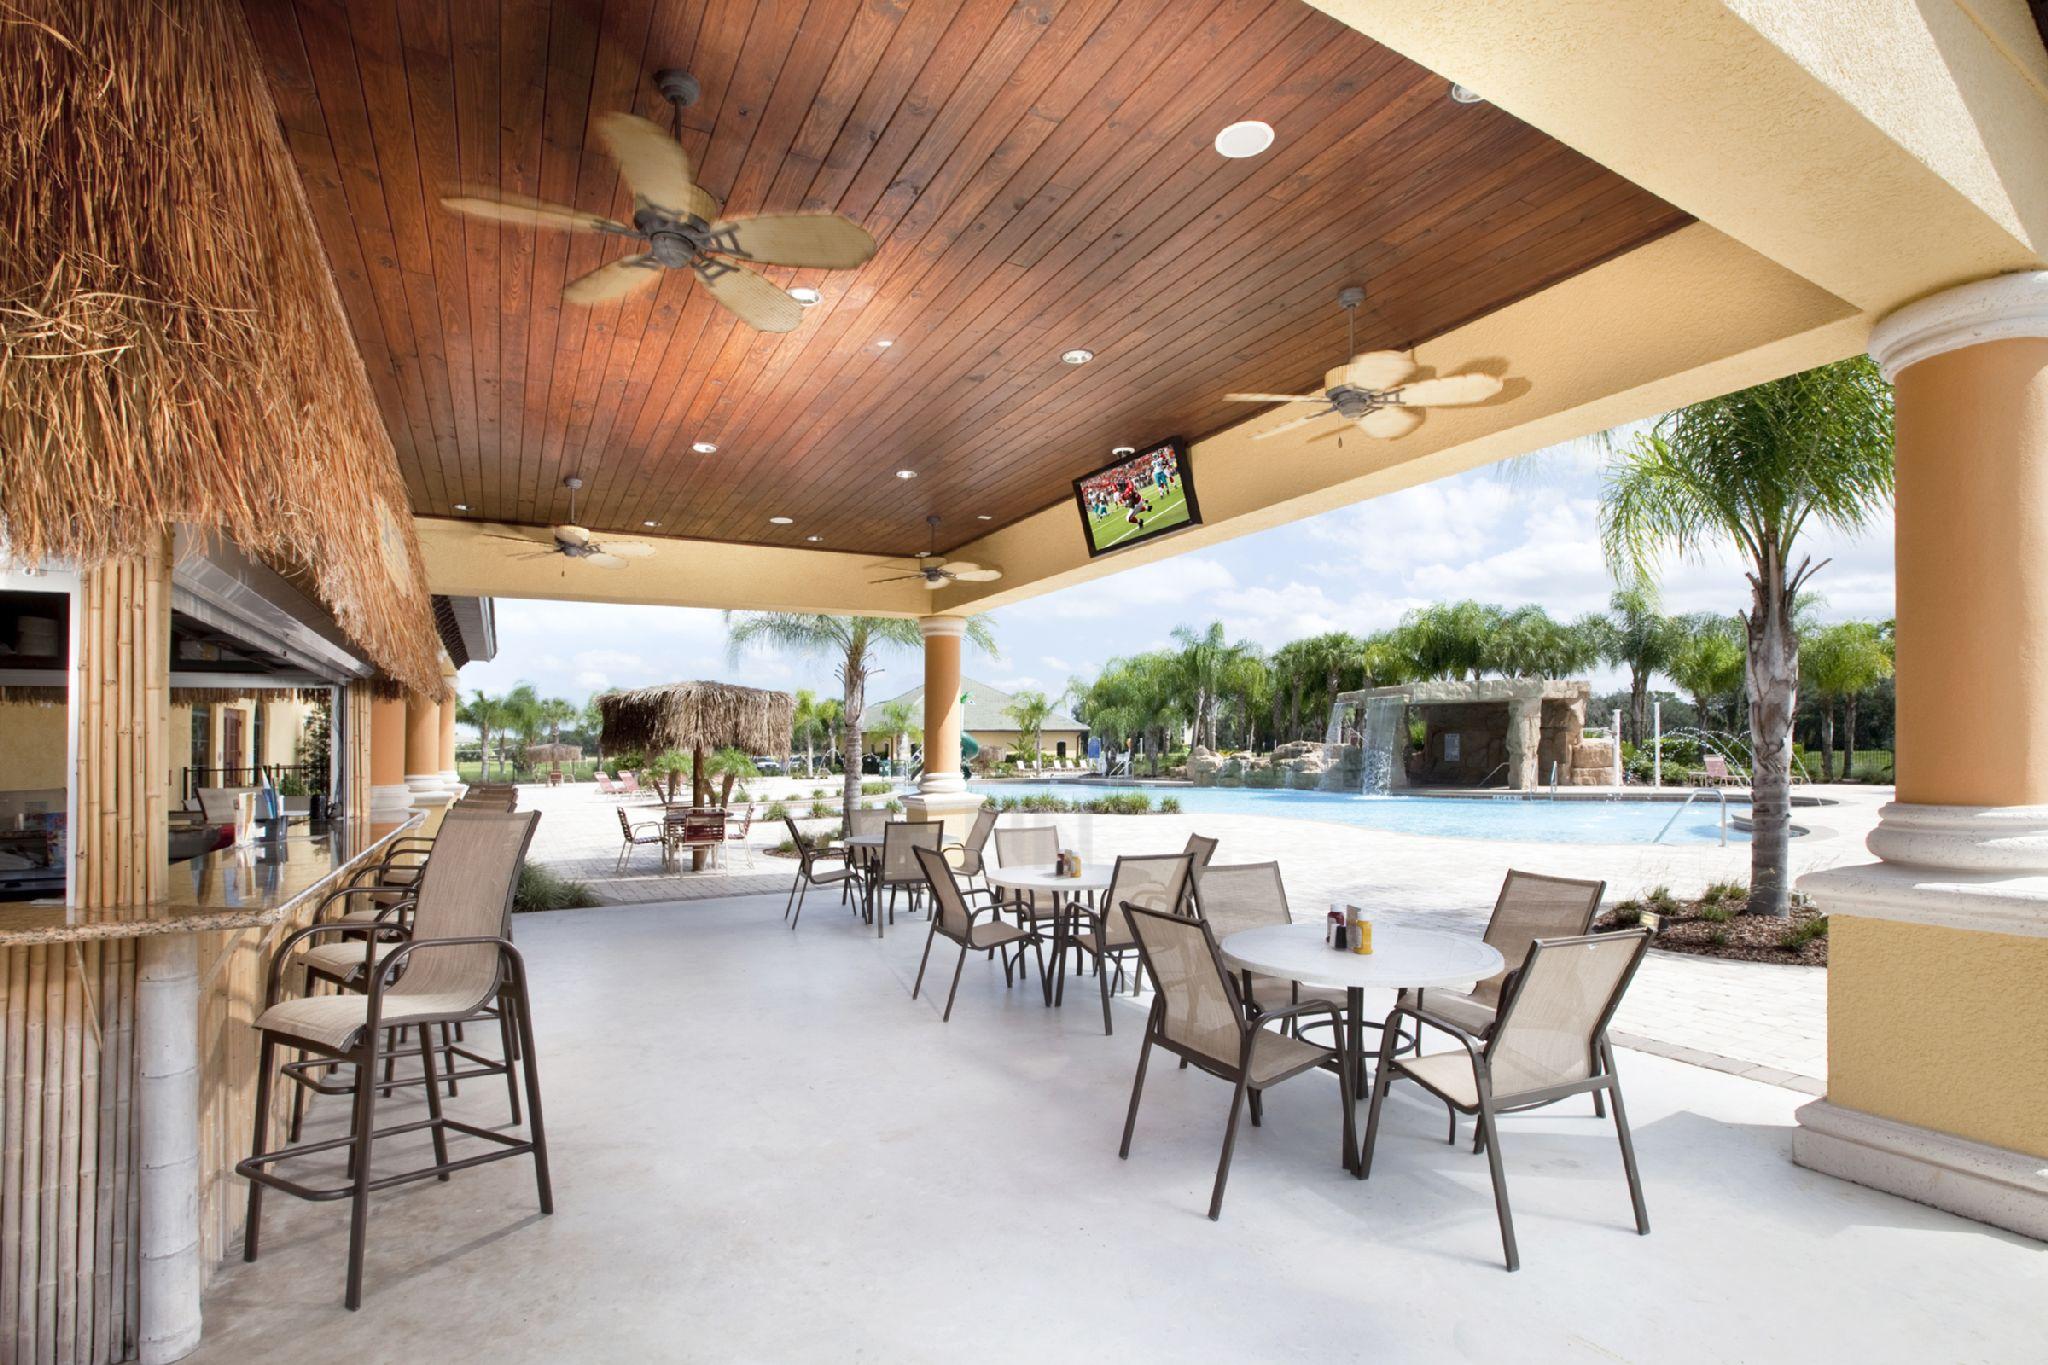 Aluguel por temporada em Orlando com piscina privativa